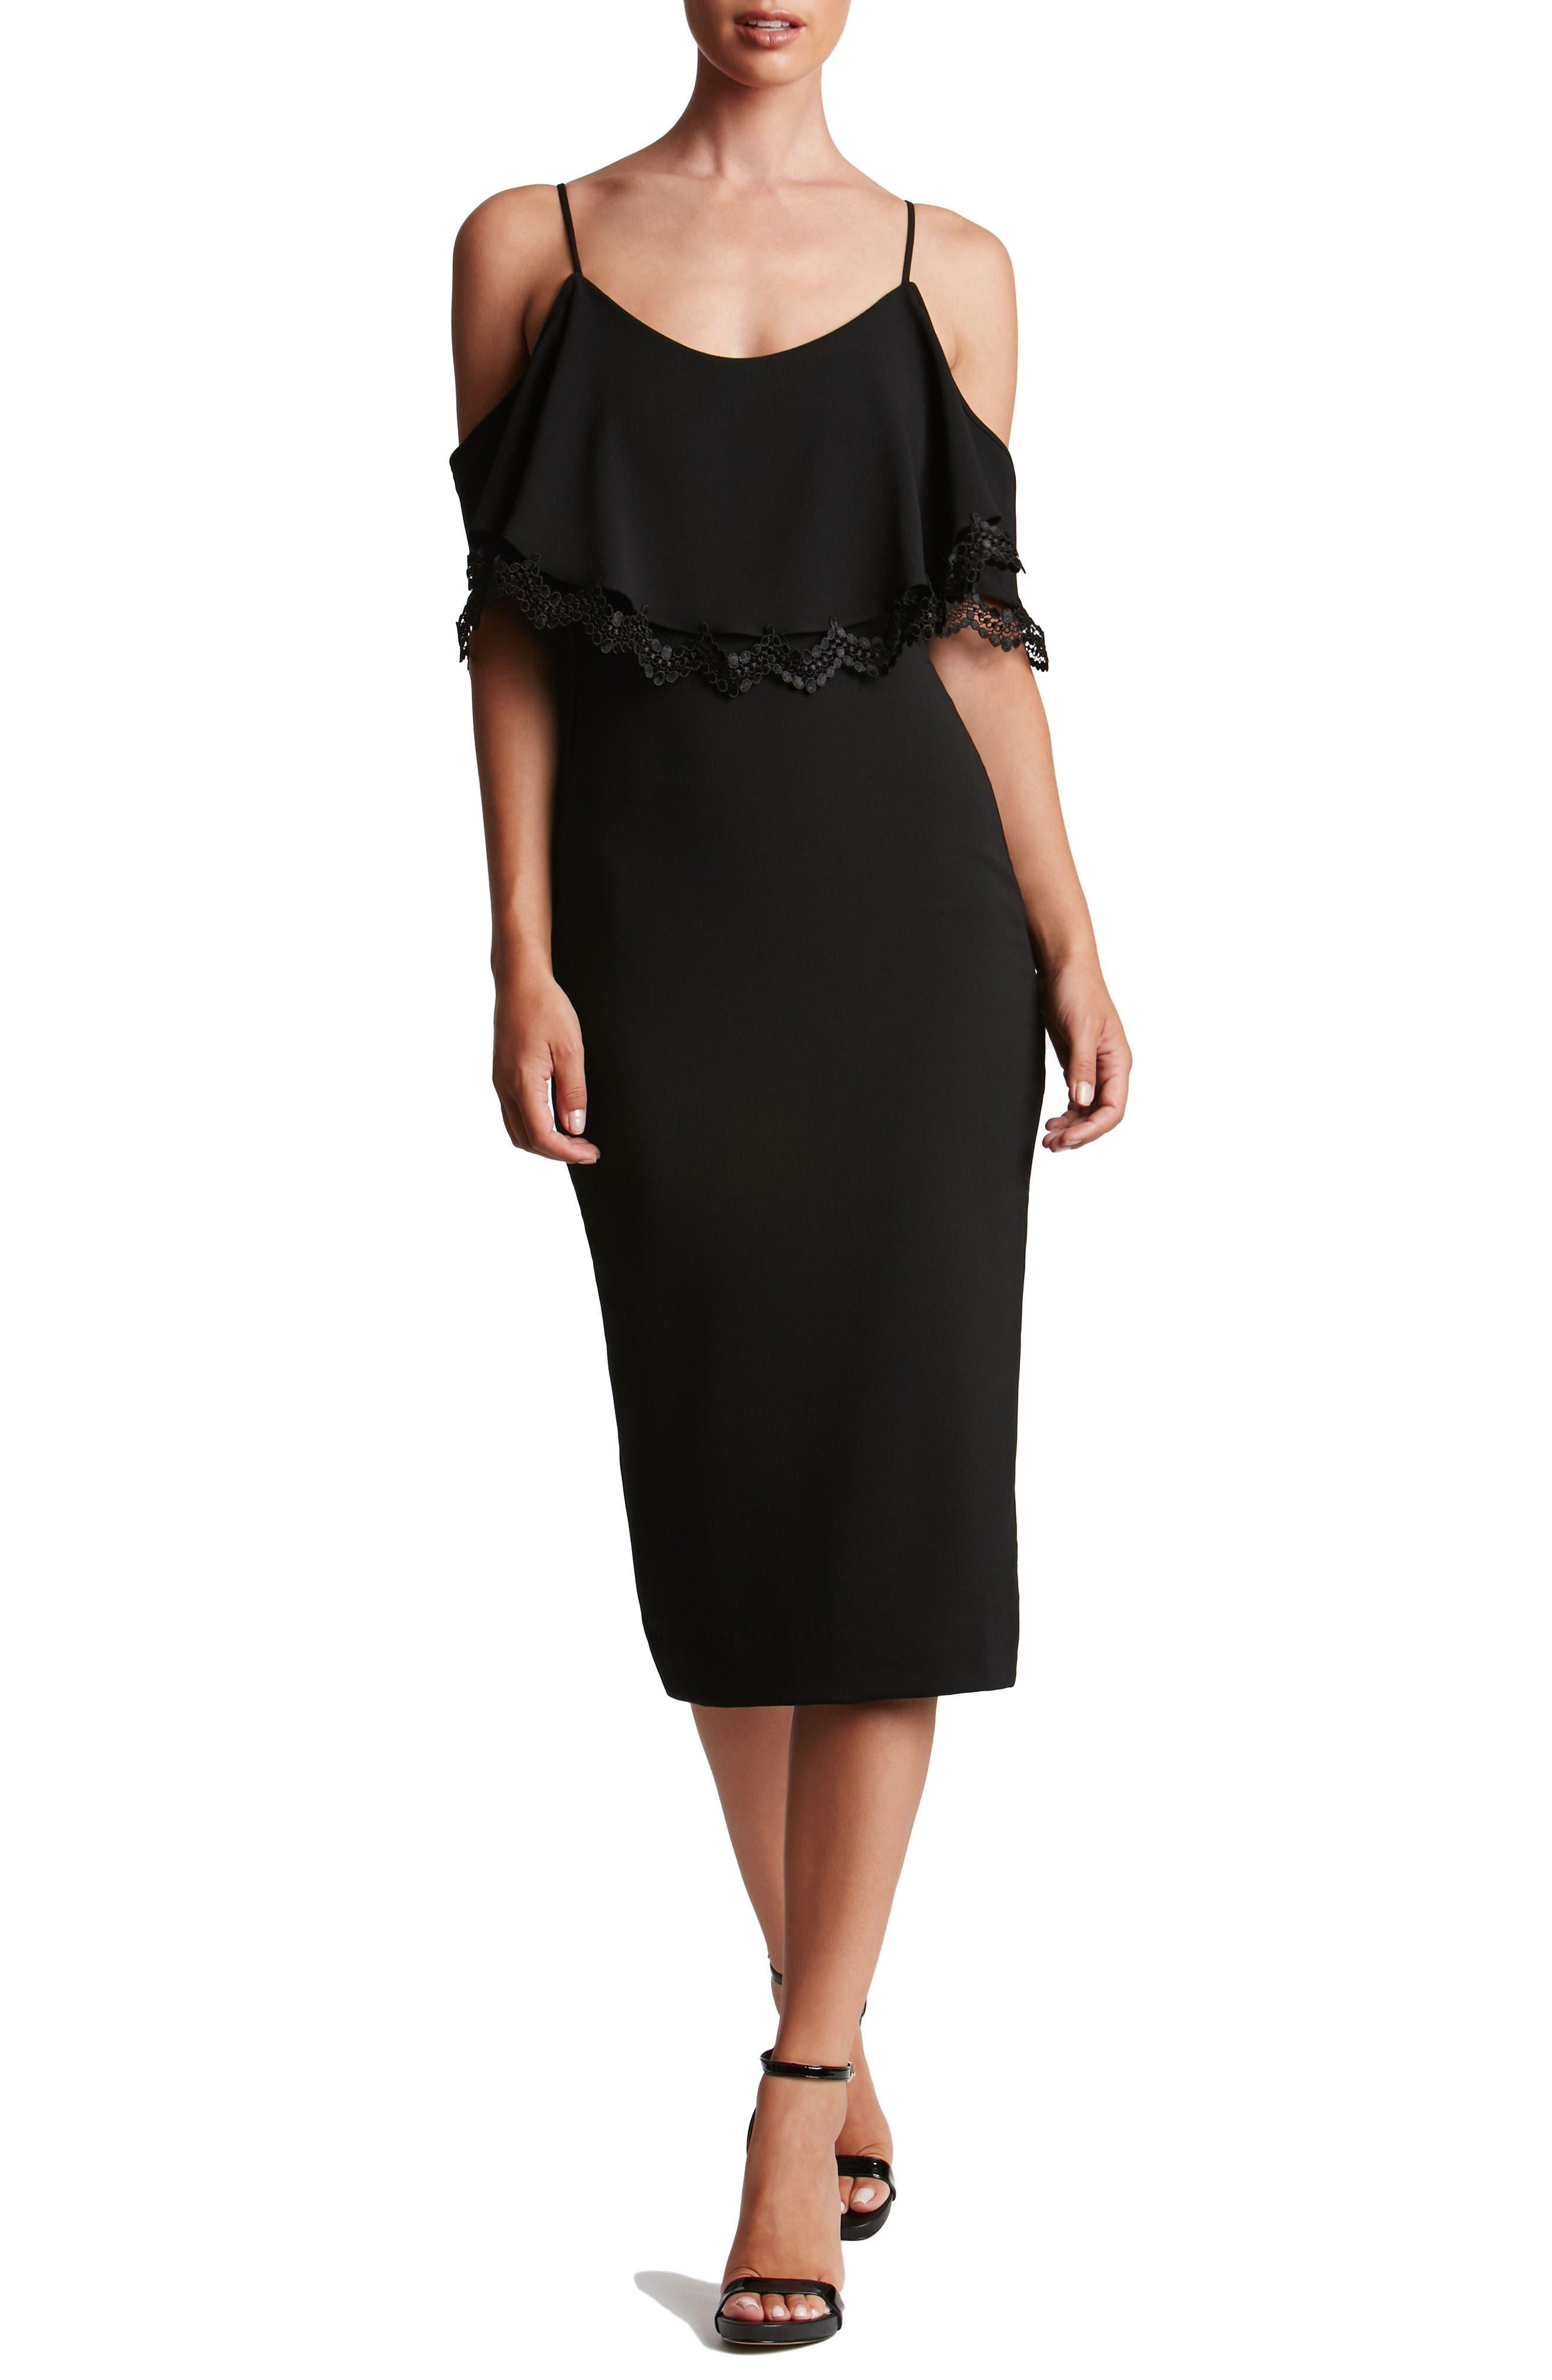 Alternate Image 1 Selected - Dress the Population Beth Cold Shoulder Dress